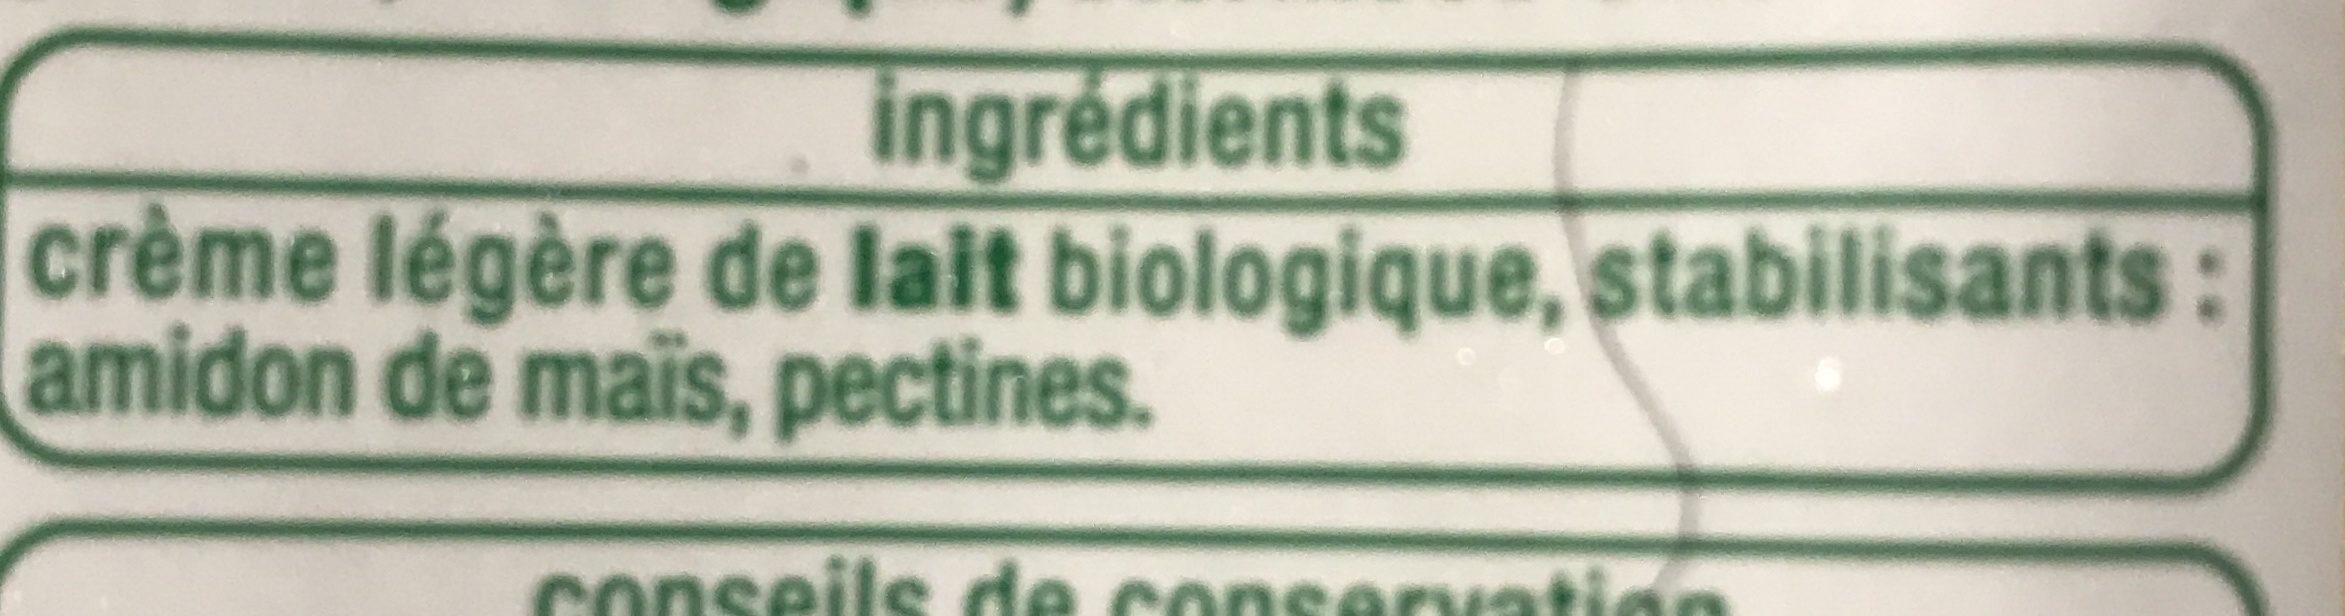 Creme legere fuide bio - Ingrediënten - fr